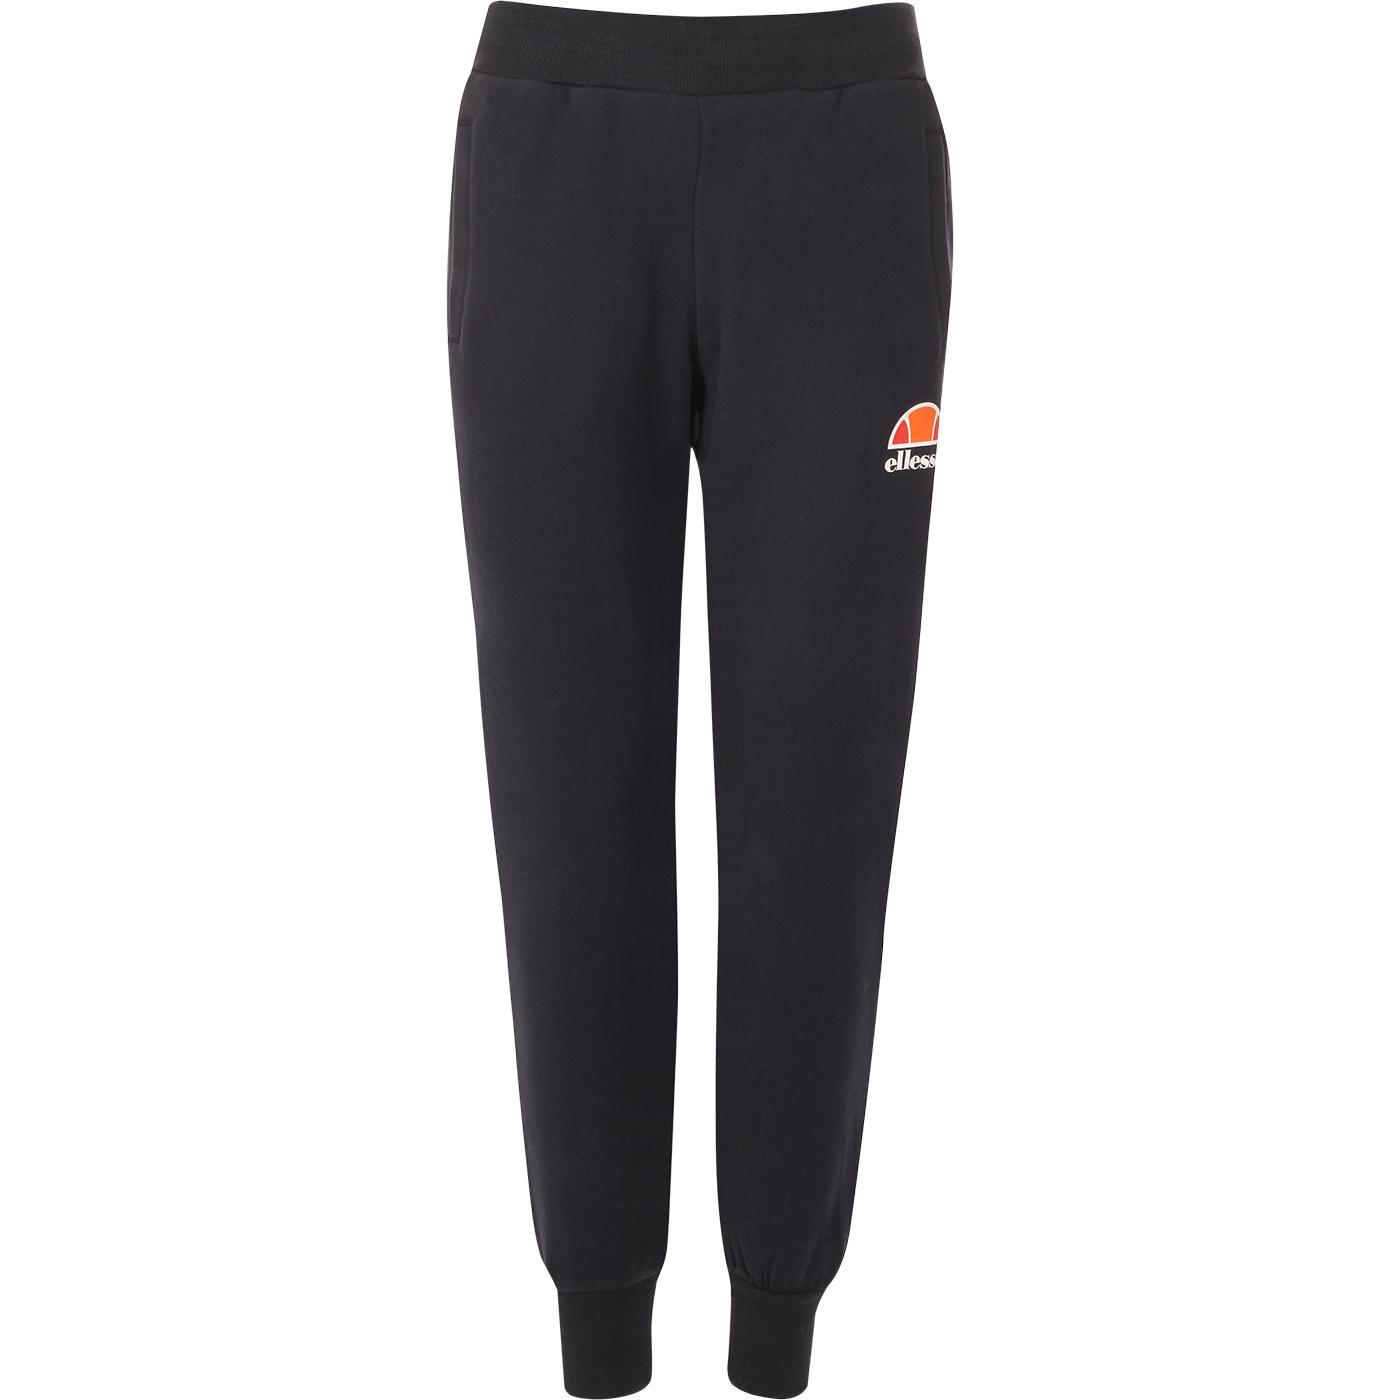 Queenstown ELLESSE Women's Retro Jog Pants (Navy)